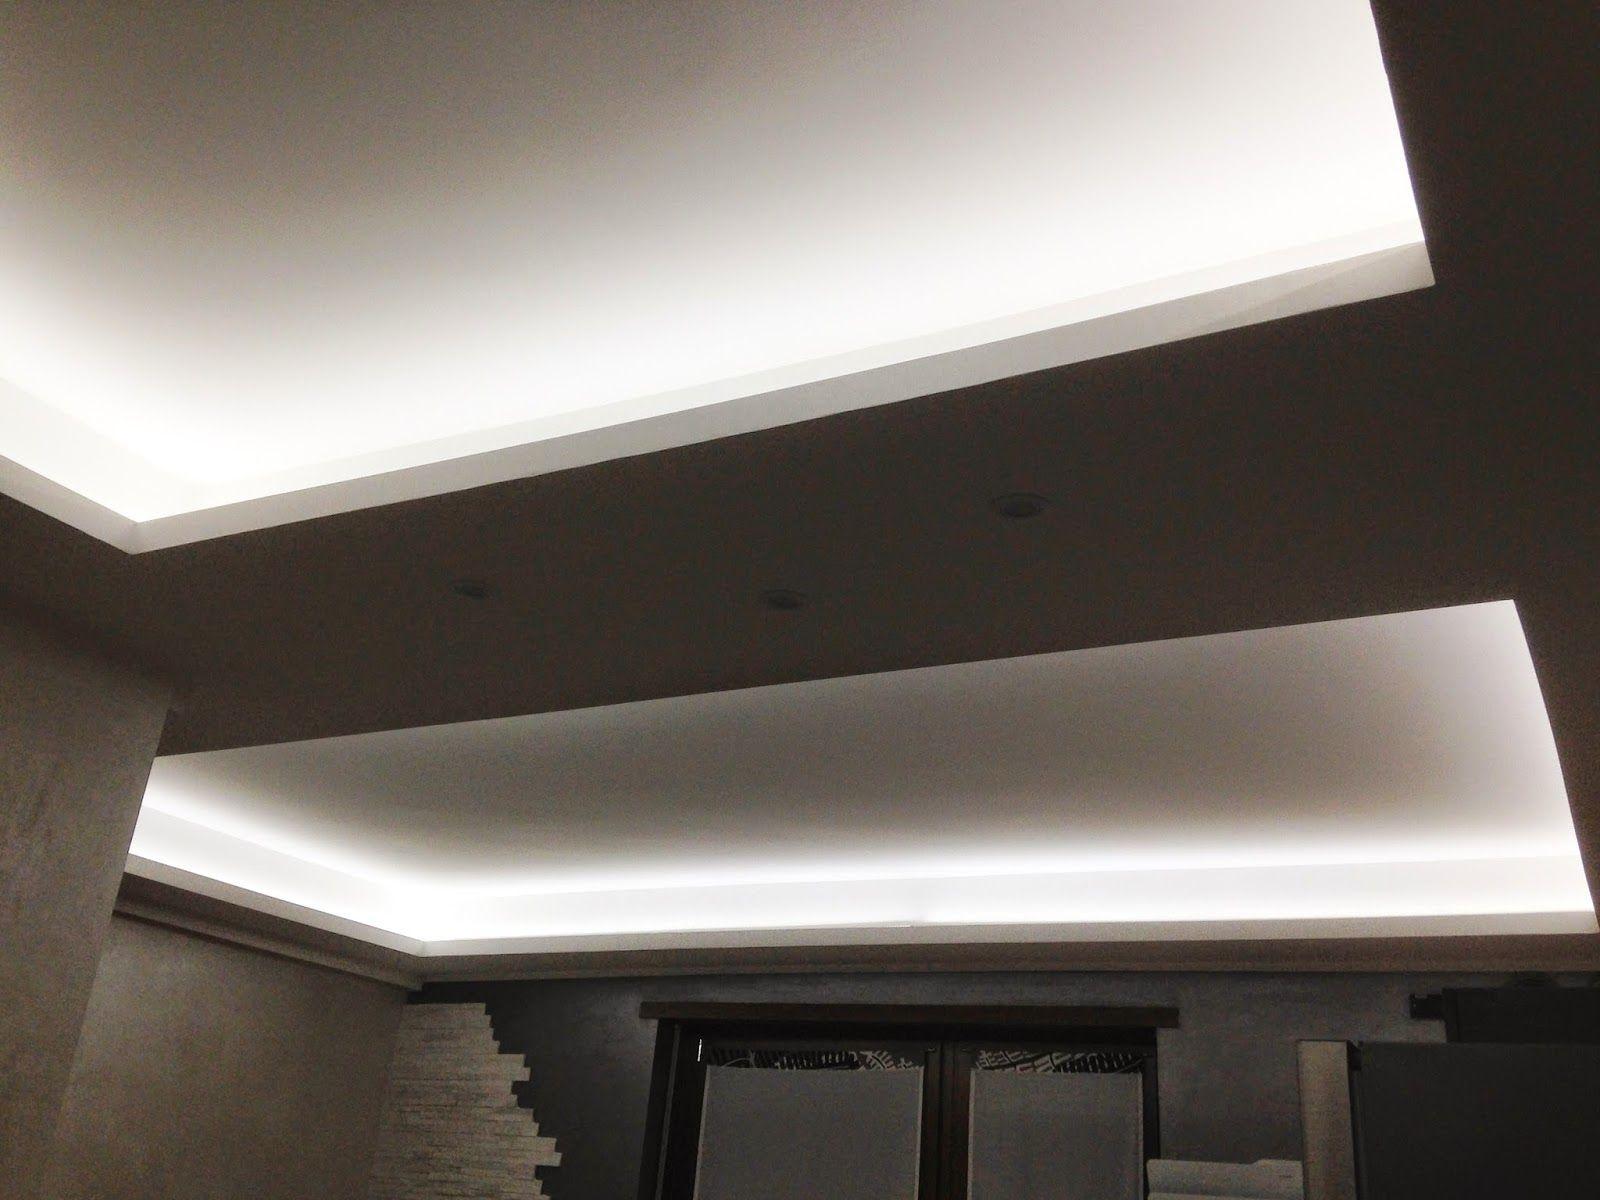 Illuminazione Ingresso Faretti : Illuminazione ingresso cerca con google illuminazione ingresso